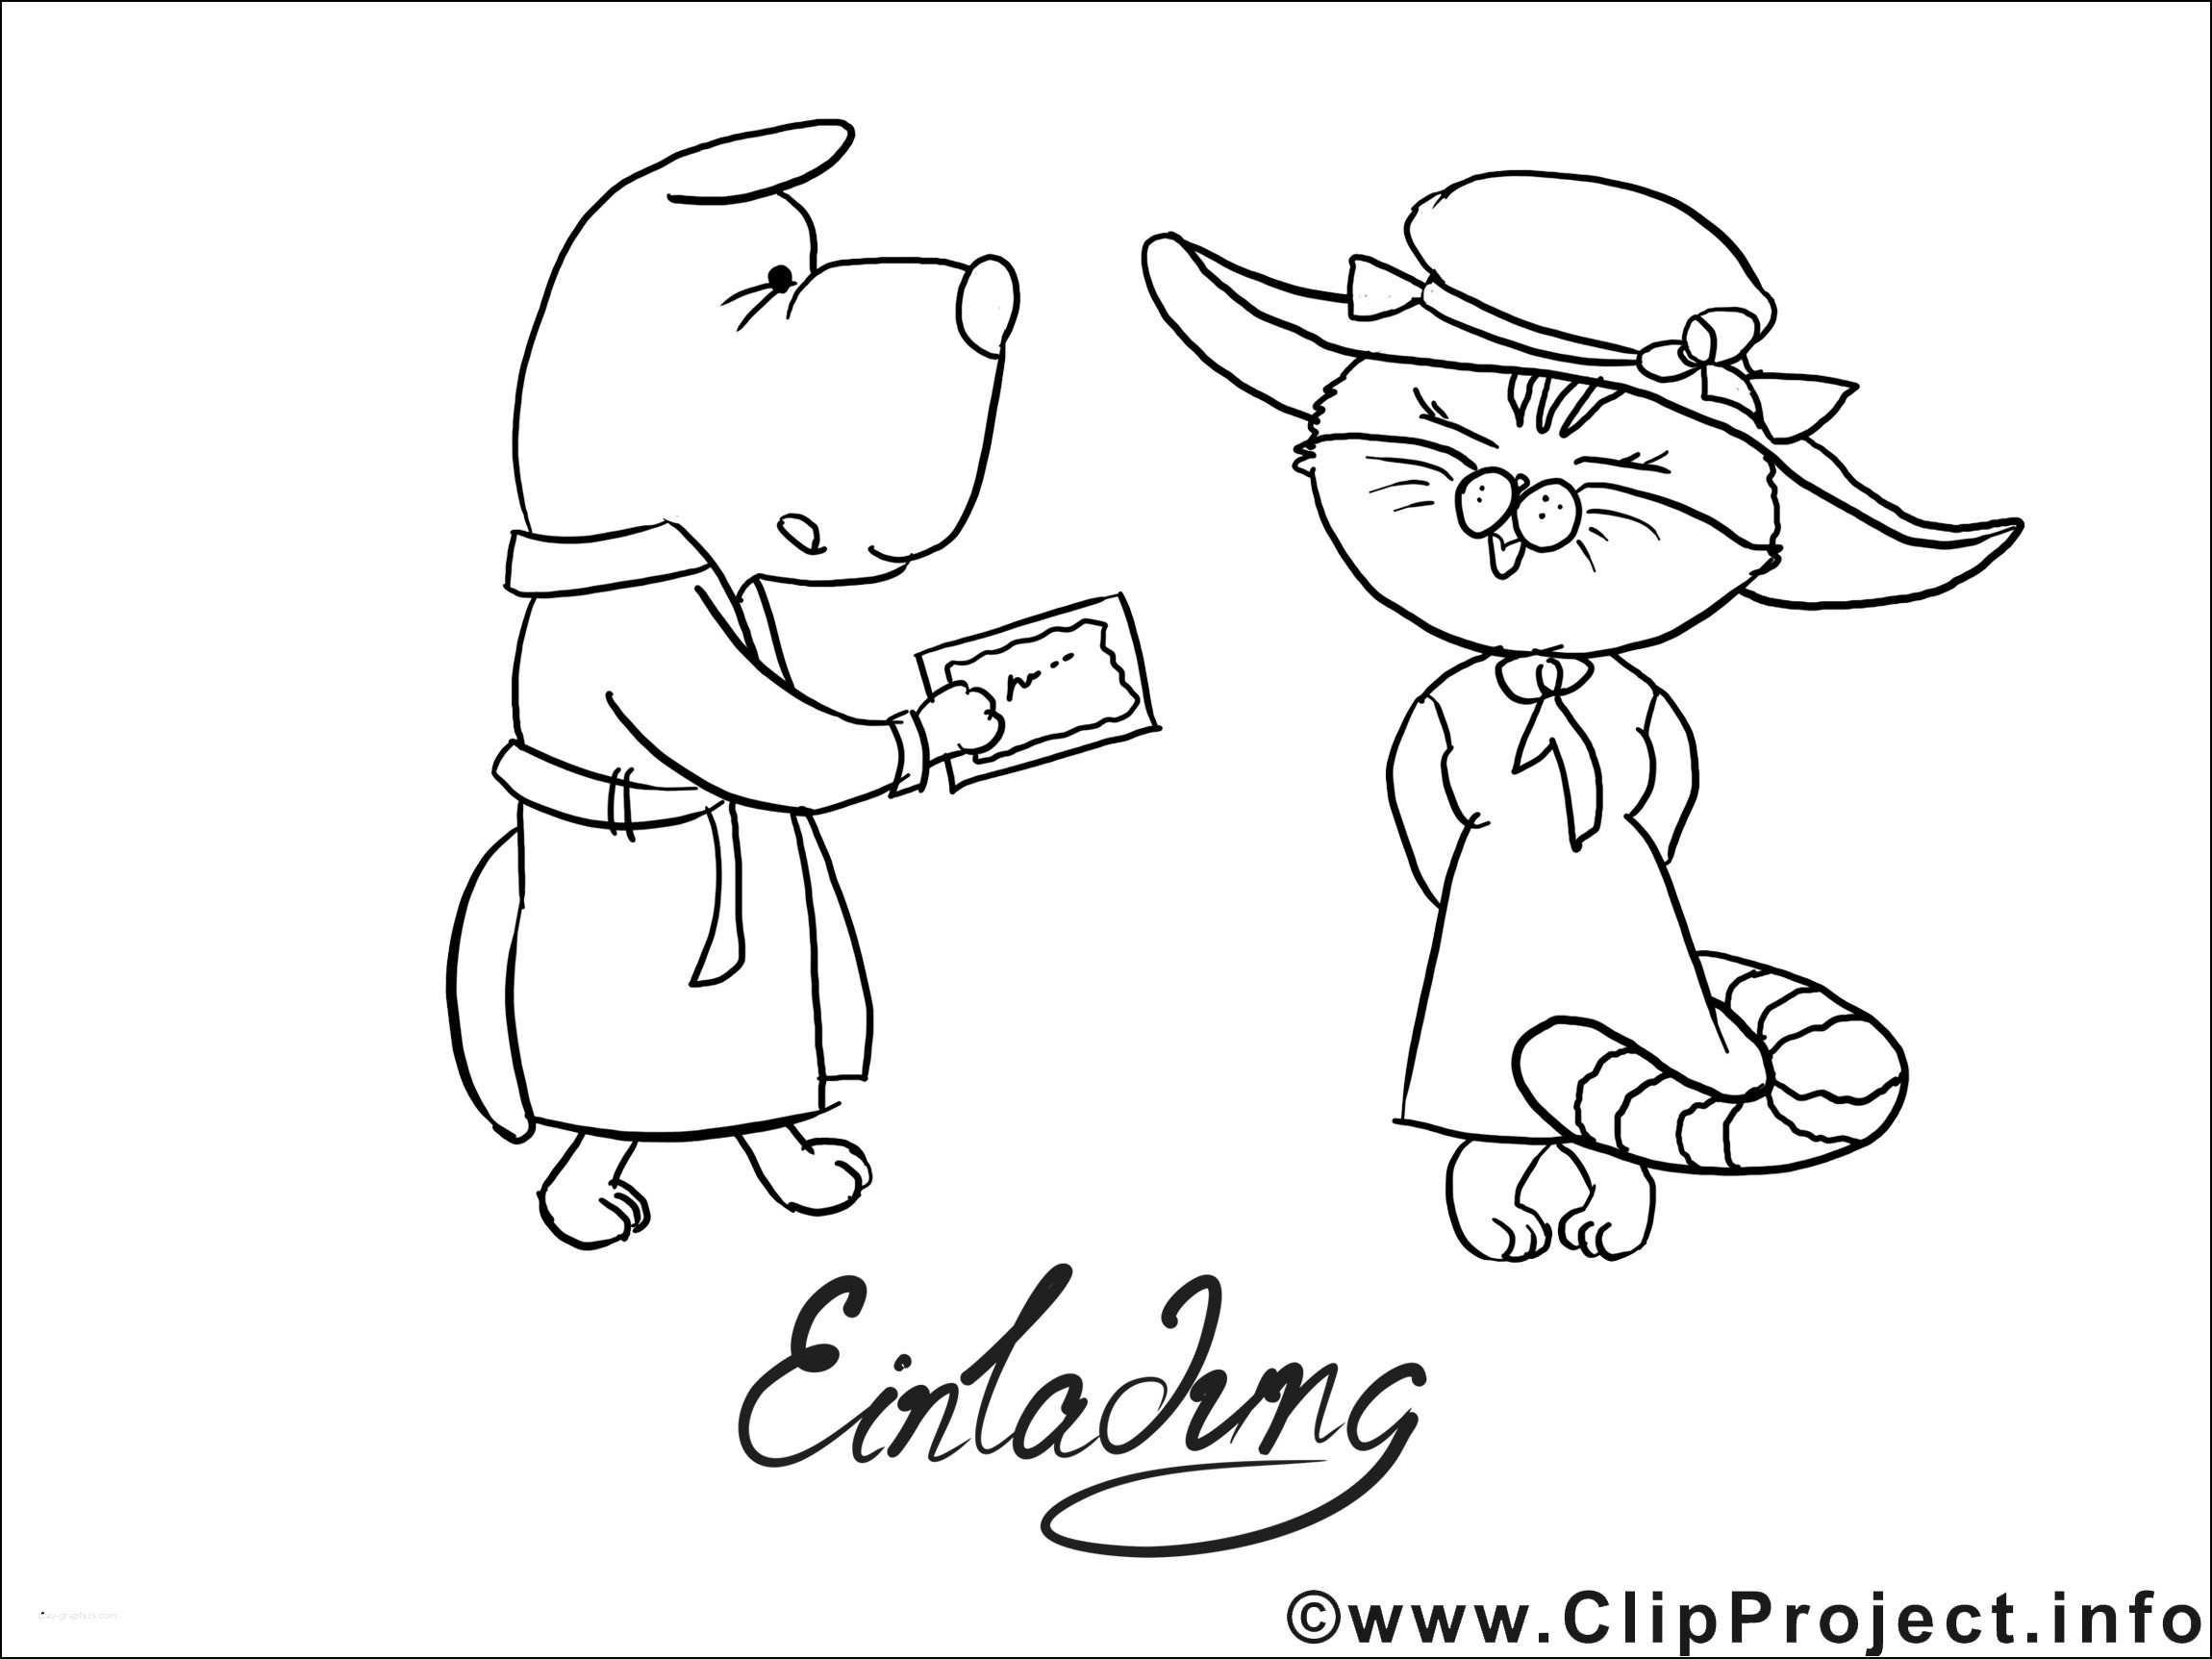 Malvorlagen Katzen Einzigartig Ausmalbilder Prinzessin Elsa Ideen Katze Ausmalbilder Schön T8dj Bild